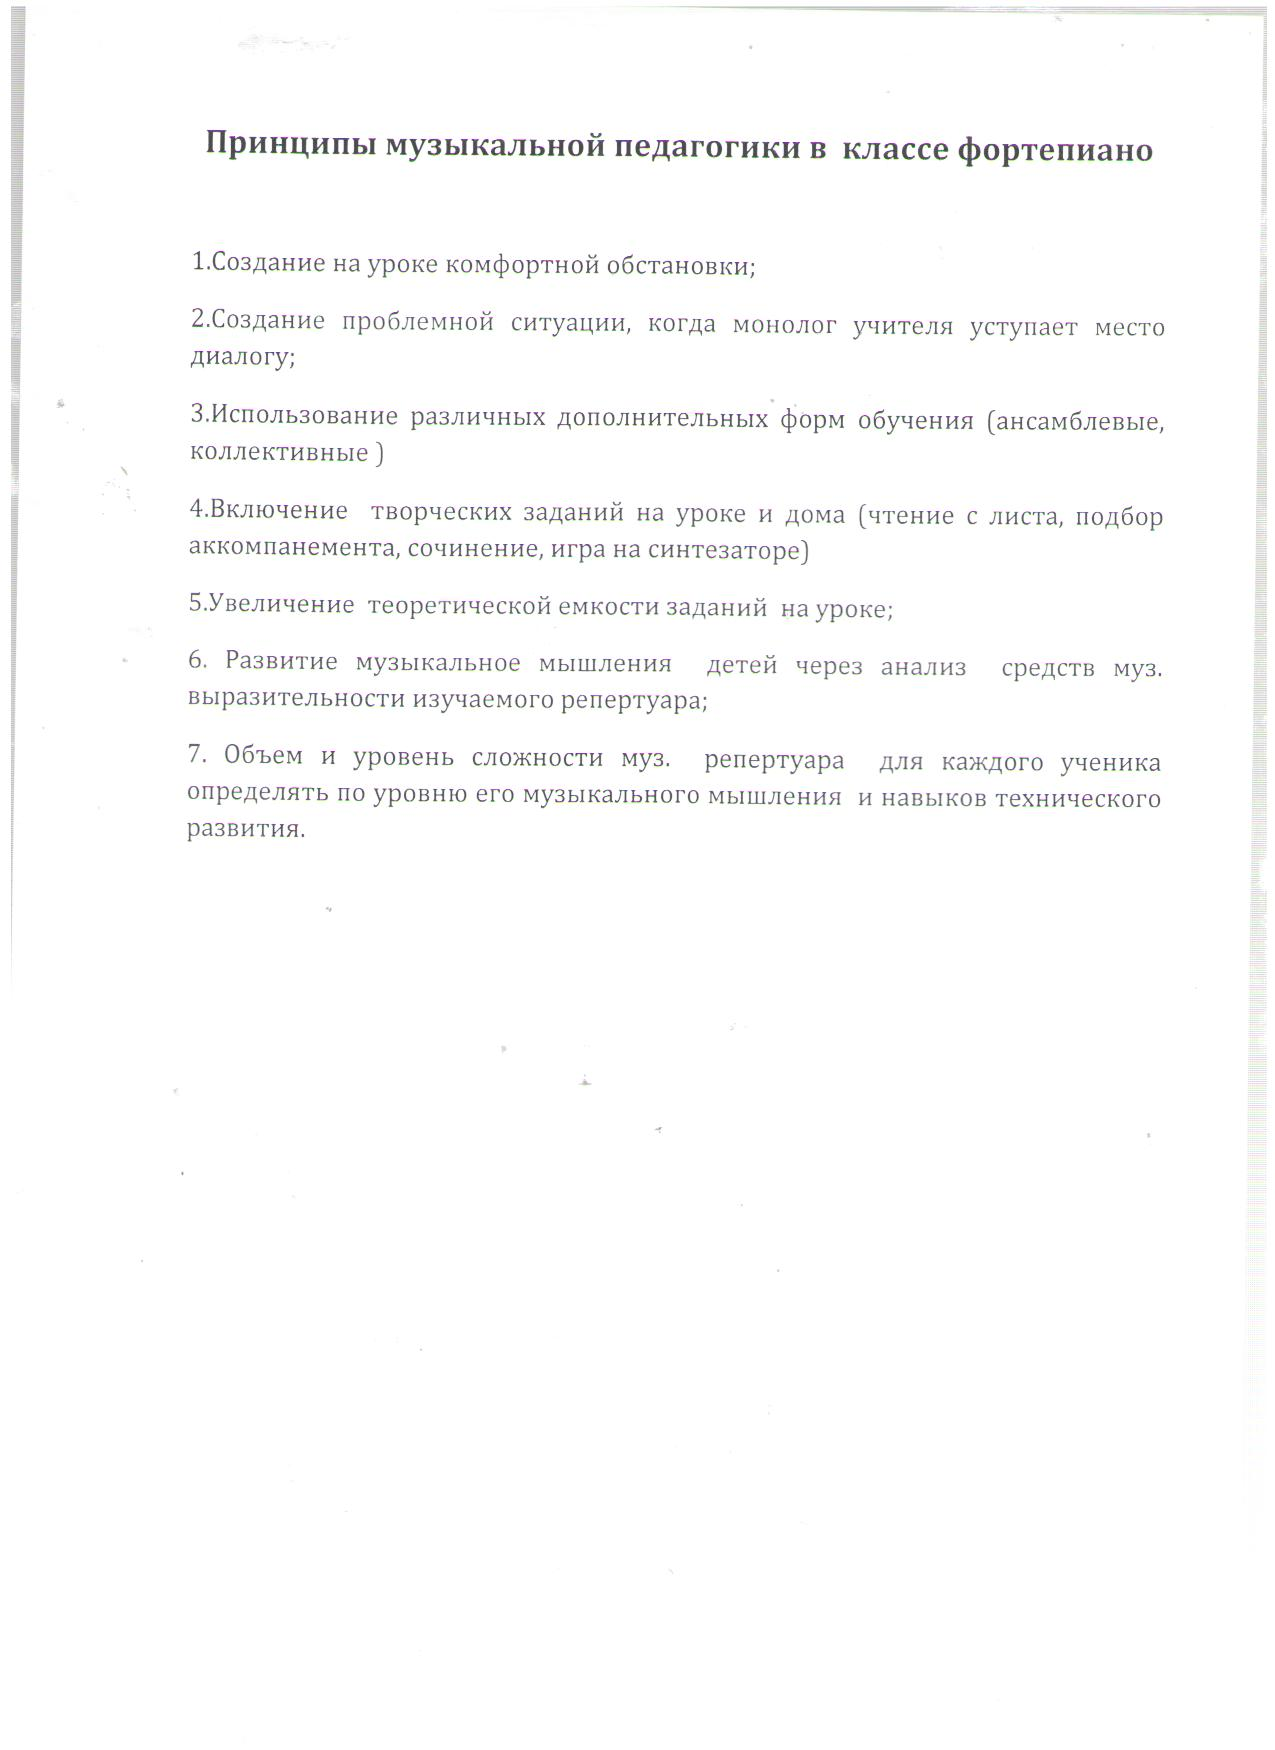 C:\Users\Нина\Desktop\Пономарева11\метод рекоменд 4.1 2 002.jpg